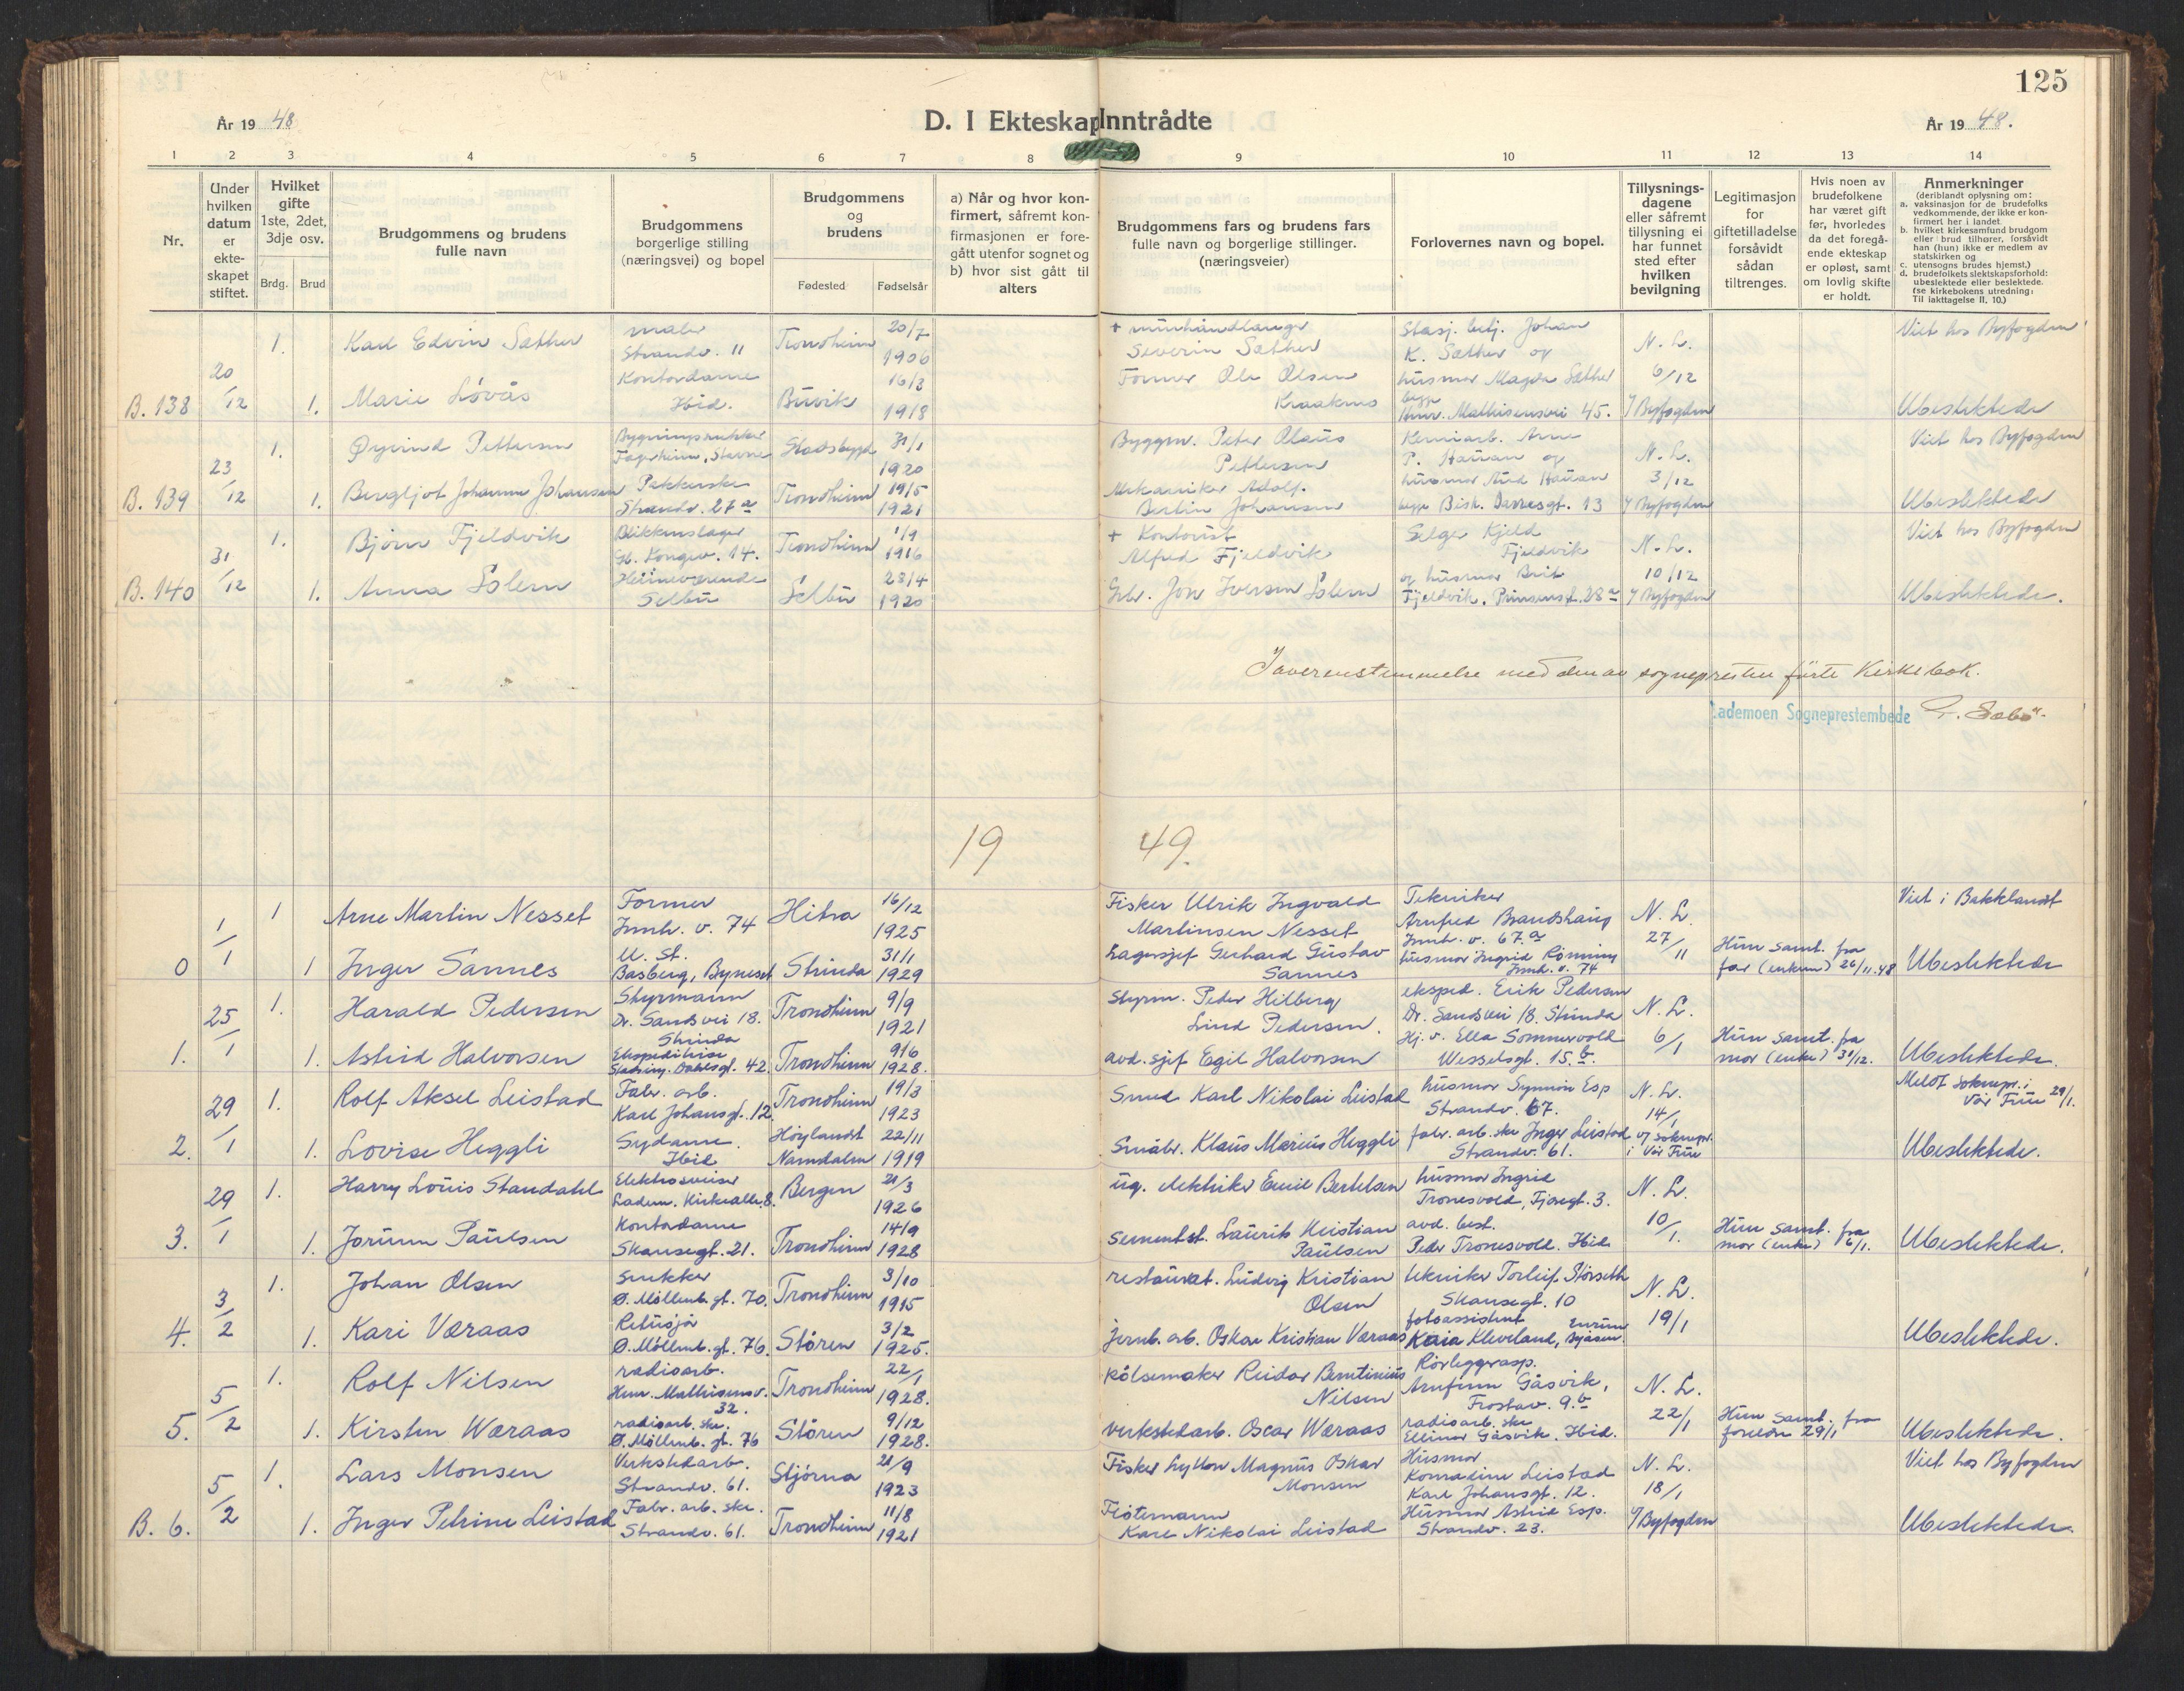 SAT, Ministerialprotokoller, klokkerbøker og fødselsregistre - Sør-Trøndelag, 605/L0263: Klokkerbok nr. 605C10, 1938-1949, s. 125